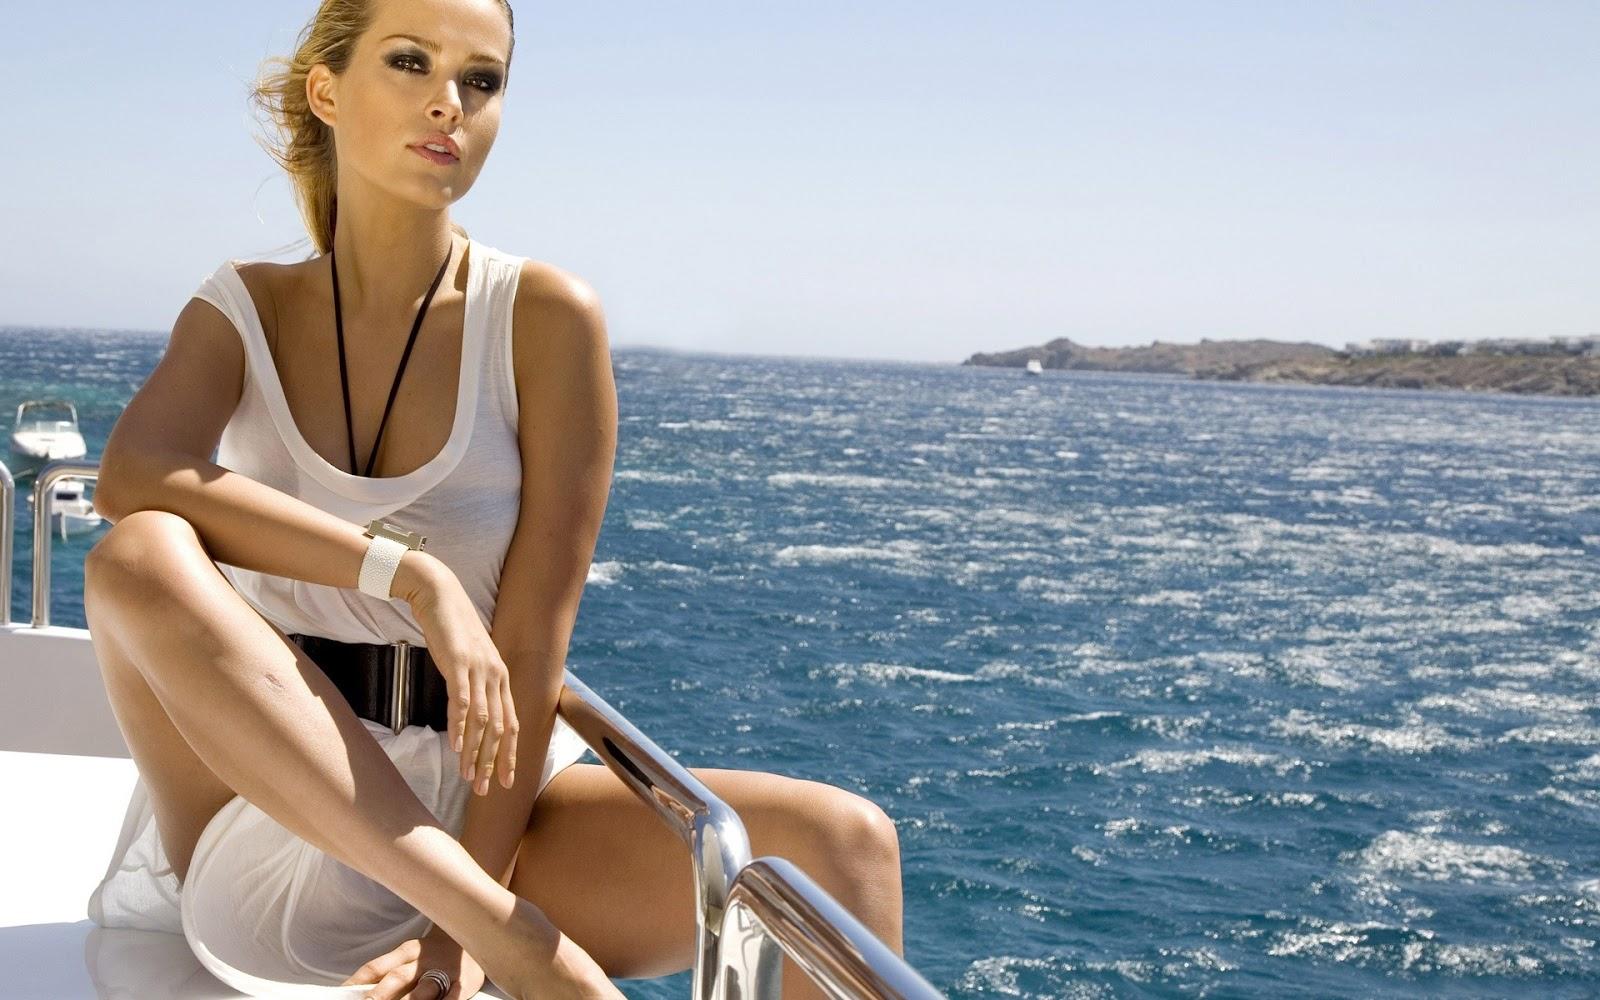 Petra Nemcova on the Boat